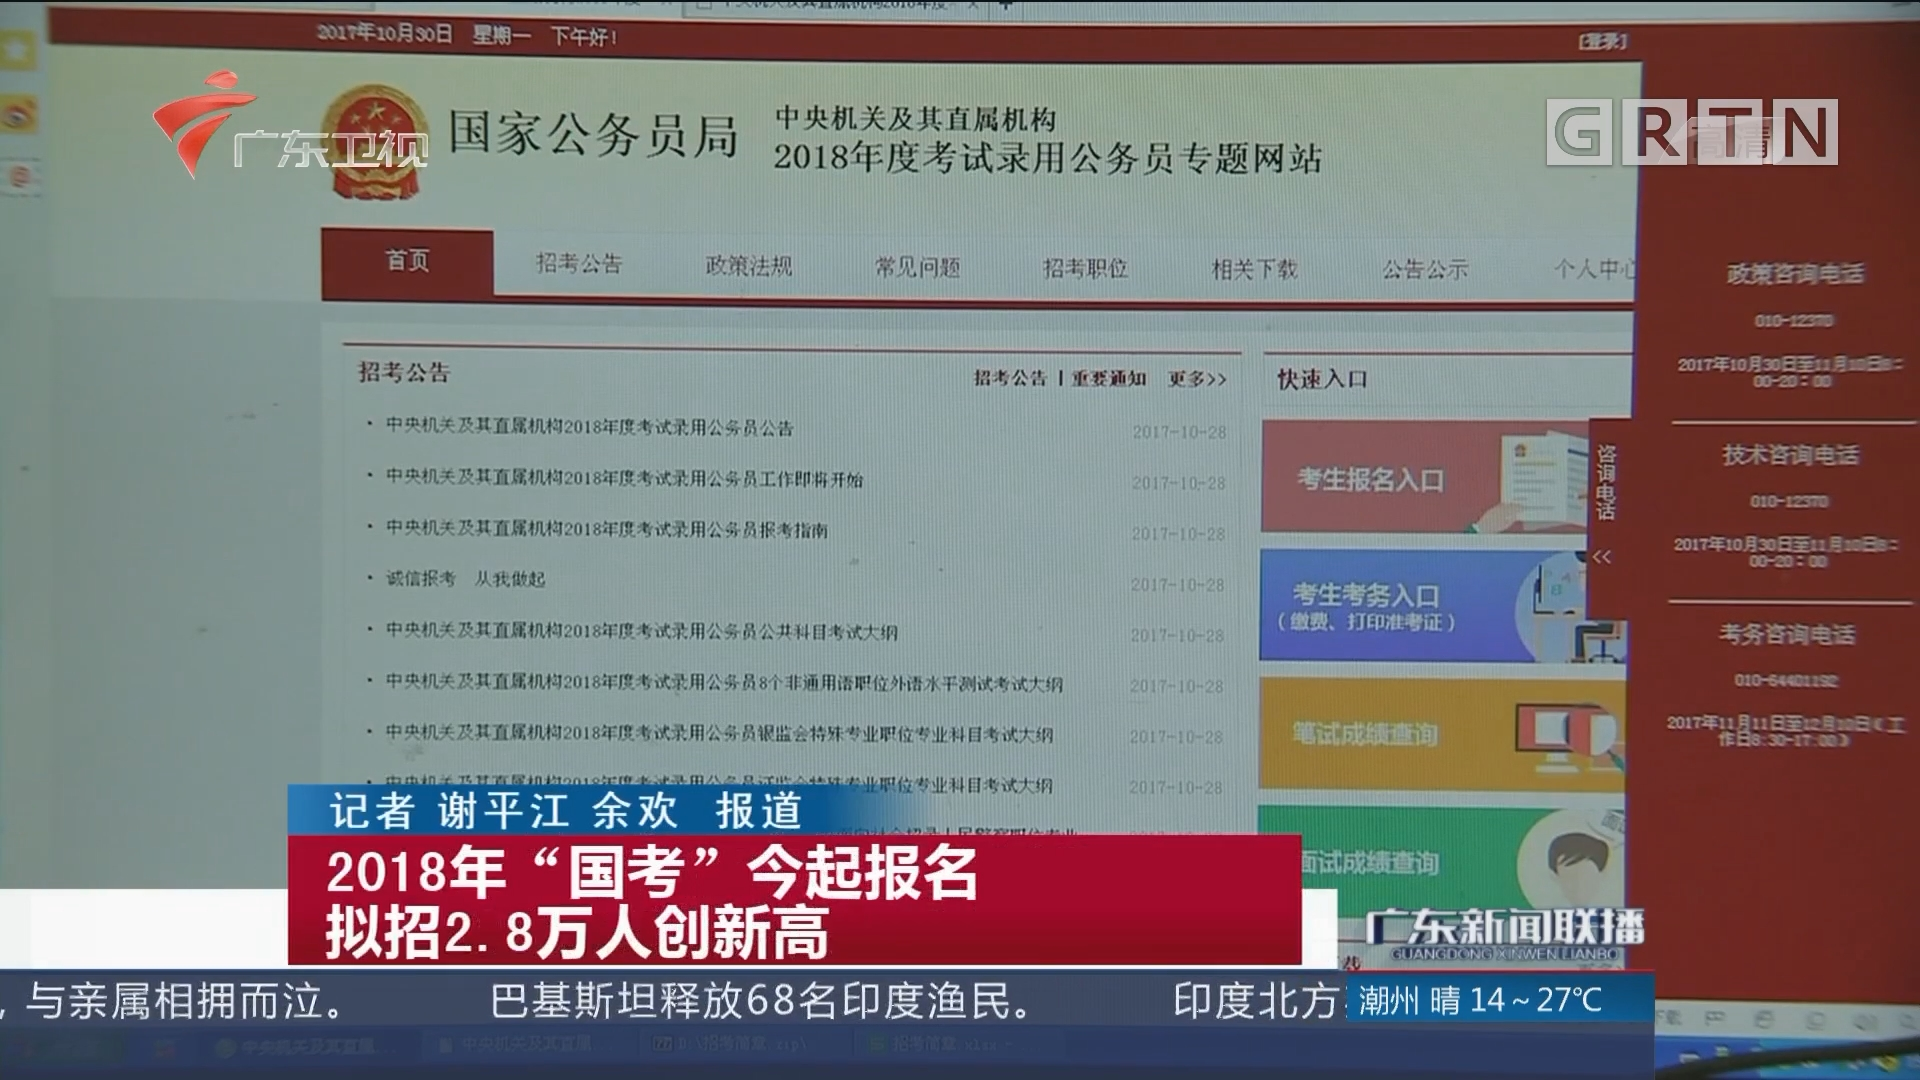 """2018年""""国考""""今起报名 拟招2.8万人创新高"""